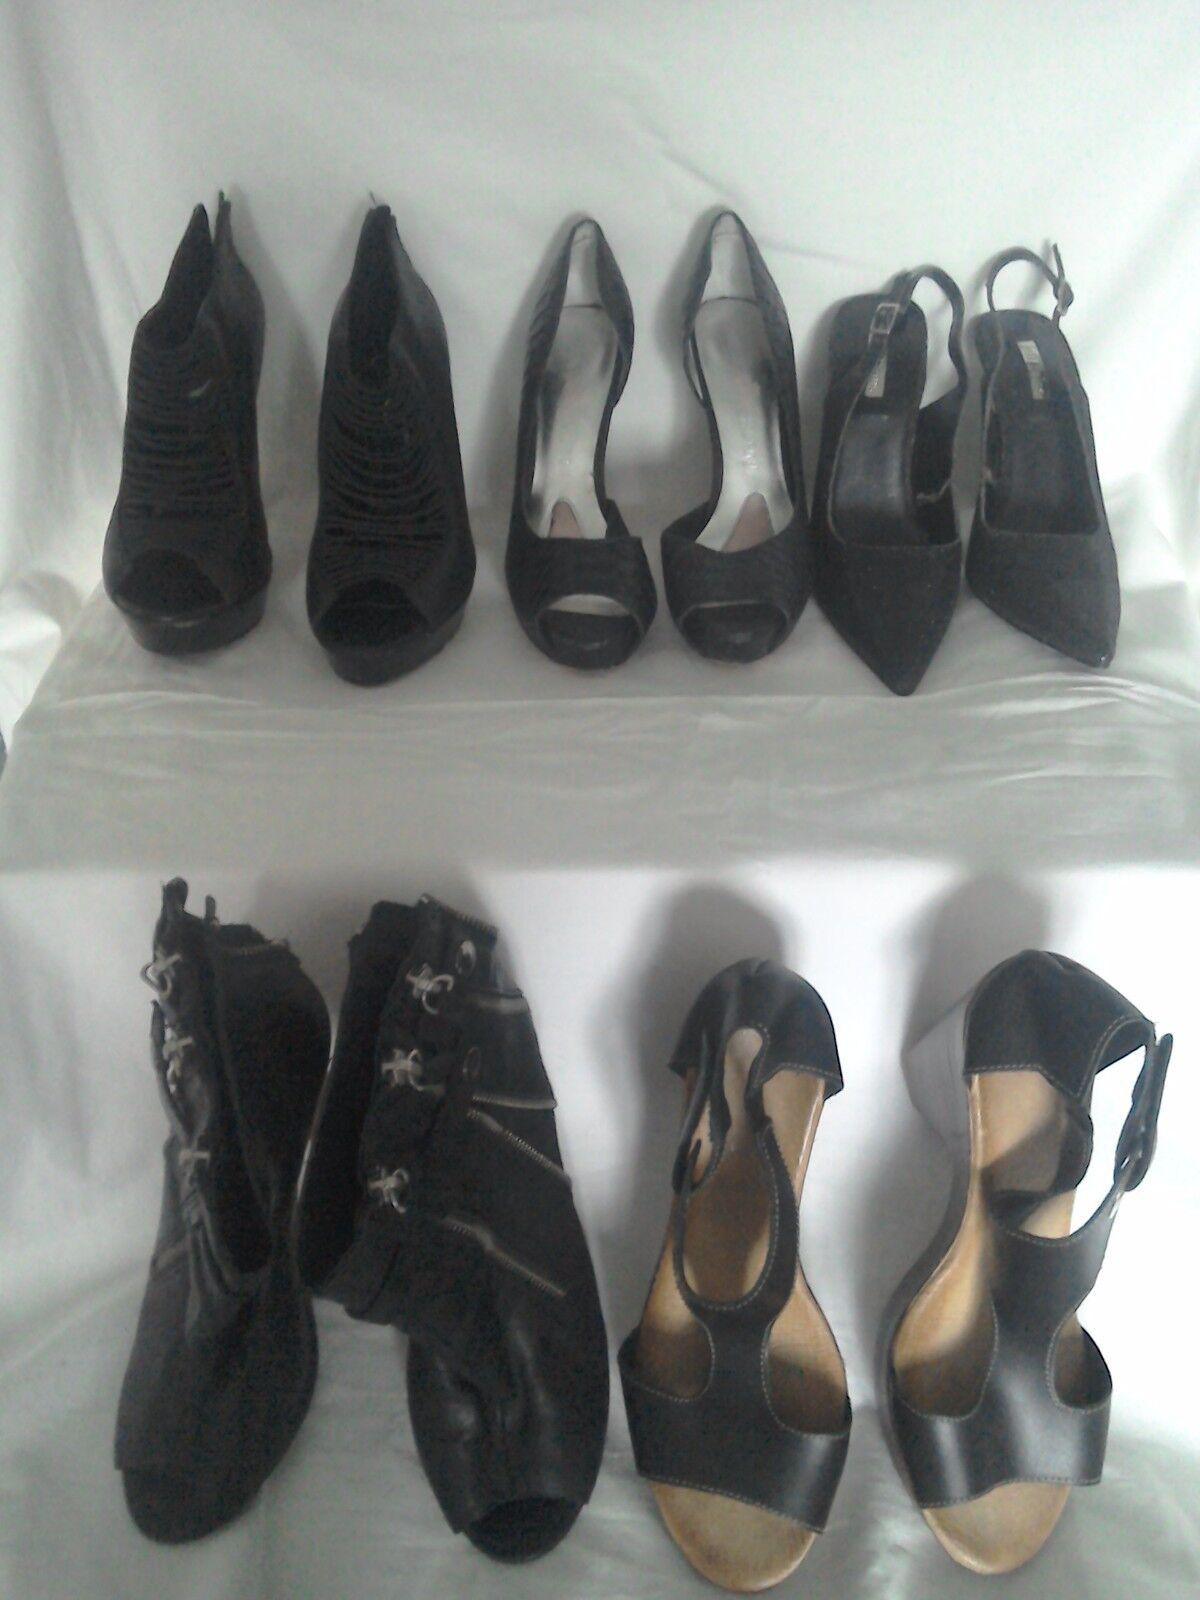 5x Zapatos Jessica Simpson Paris Hilton Hilton Hilton River Island Jeff Bains Negro 5 6 71 2M  elige tu favorito